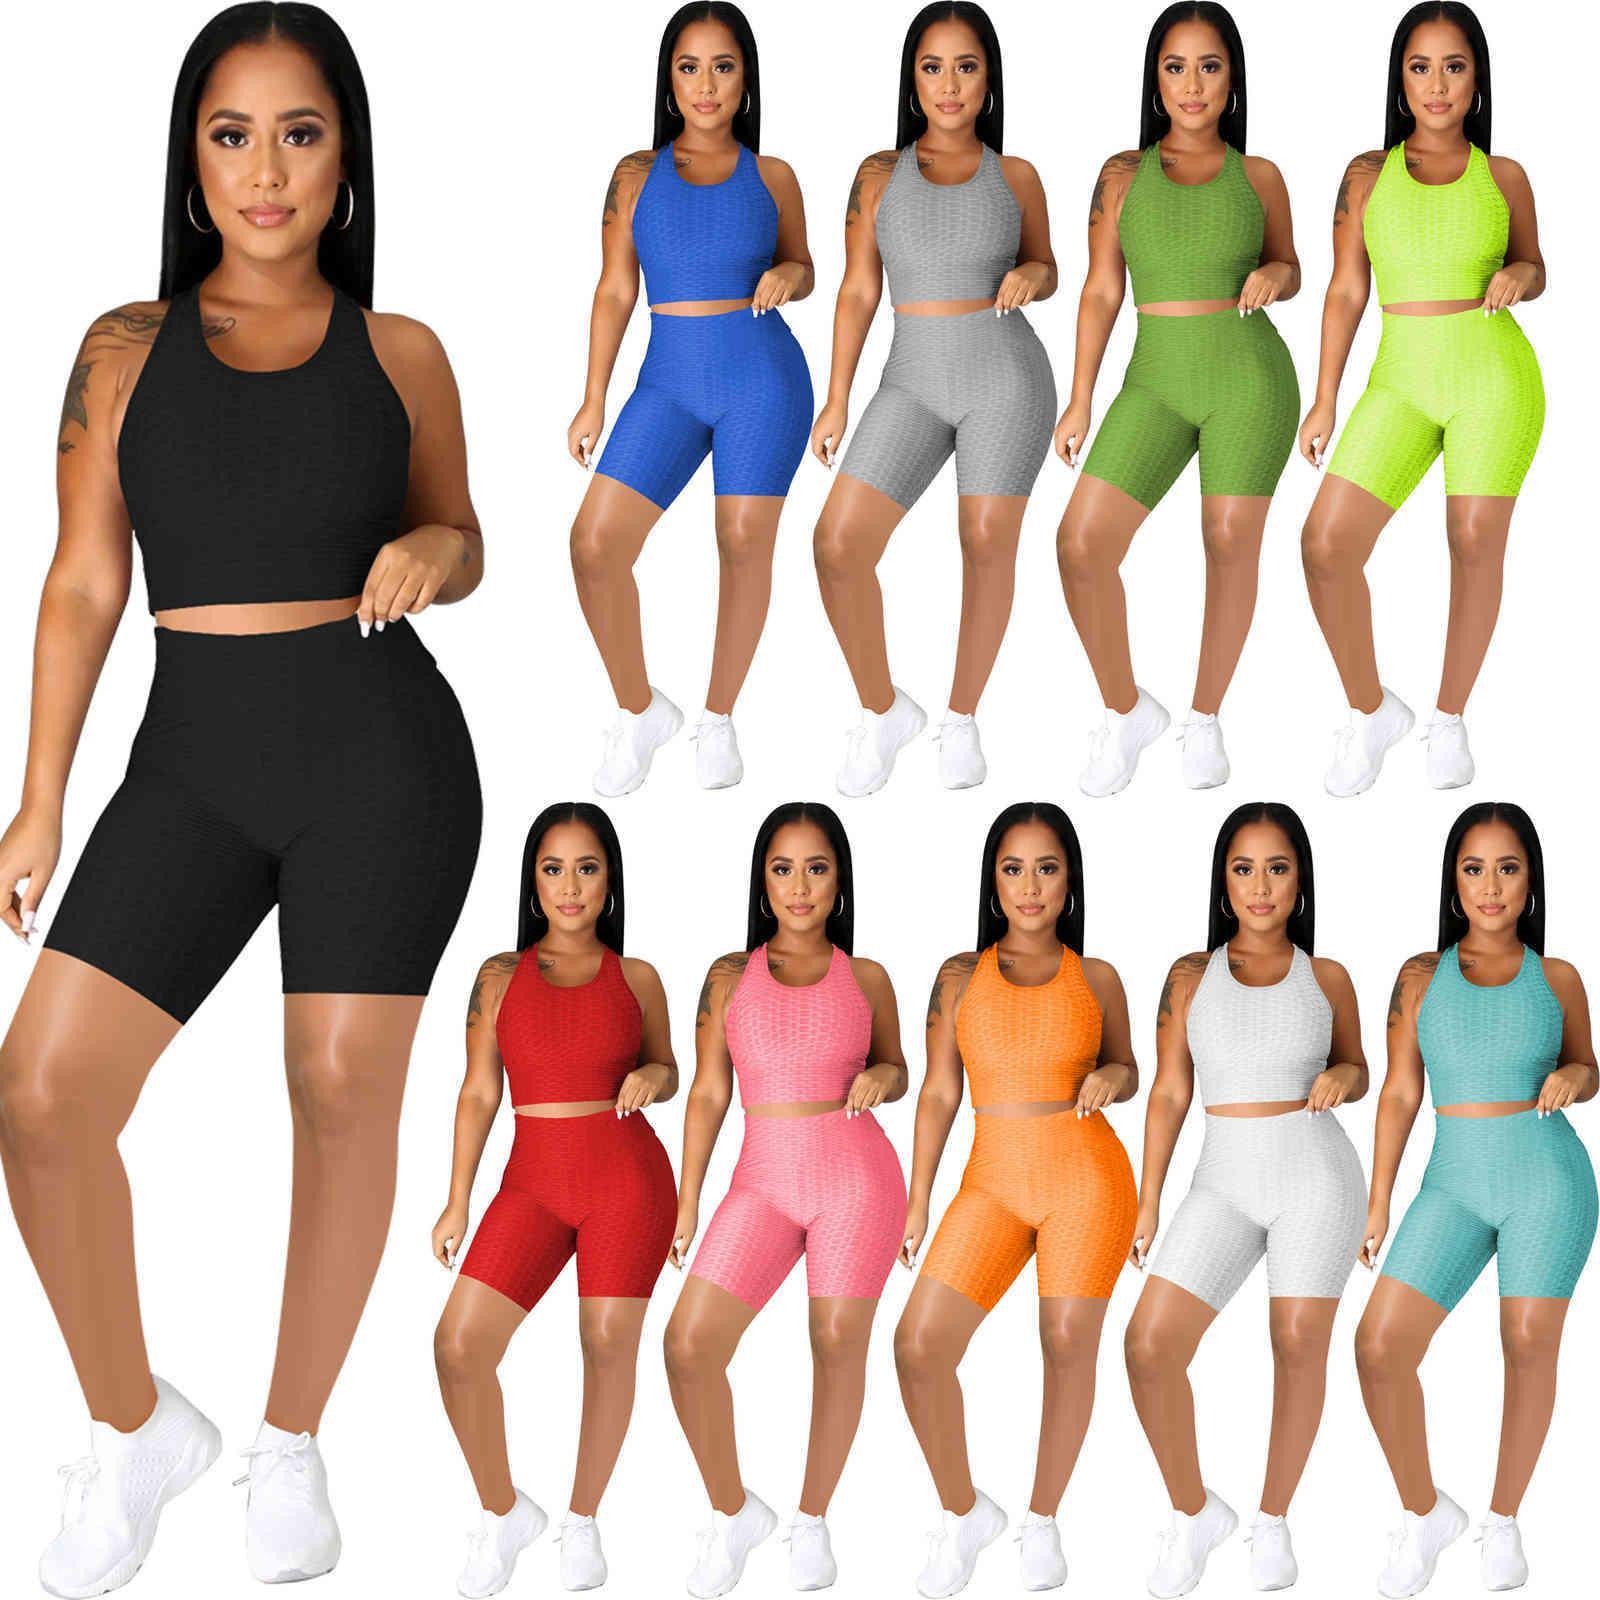 إمرأة رياضية مصممين ملابس 2021 ركض الوردي دعوى الصيف اليوغا وتتسابق تانك القمم + السراويل اثنان قطعة مجموعات sweatsuits الرياضية